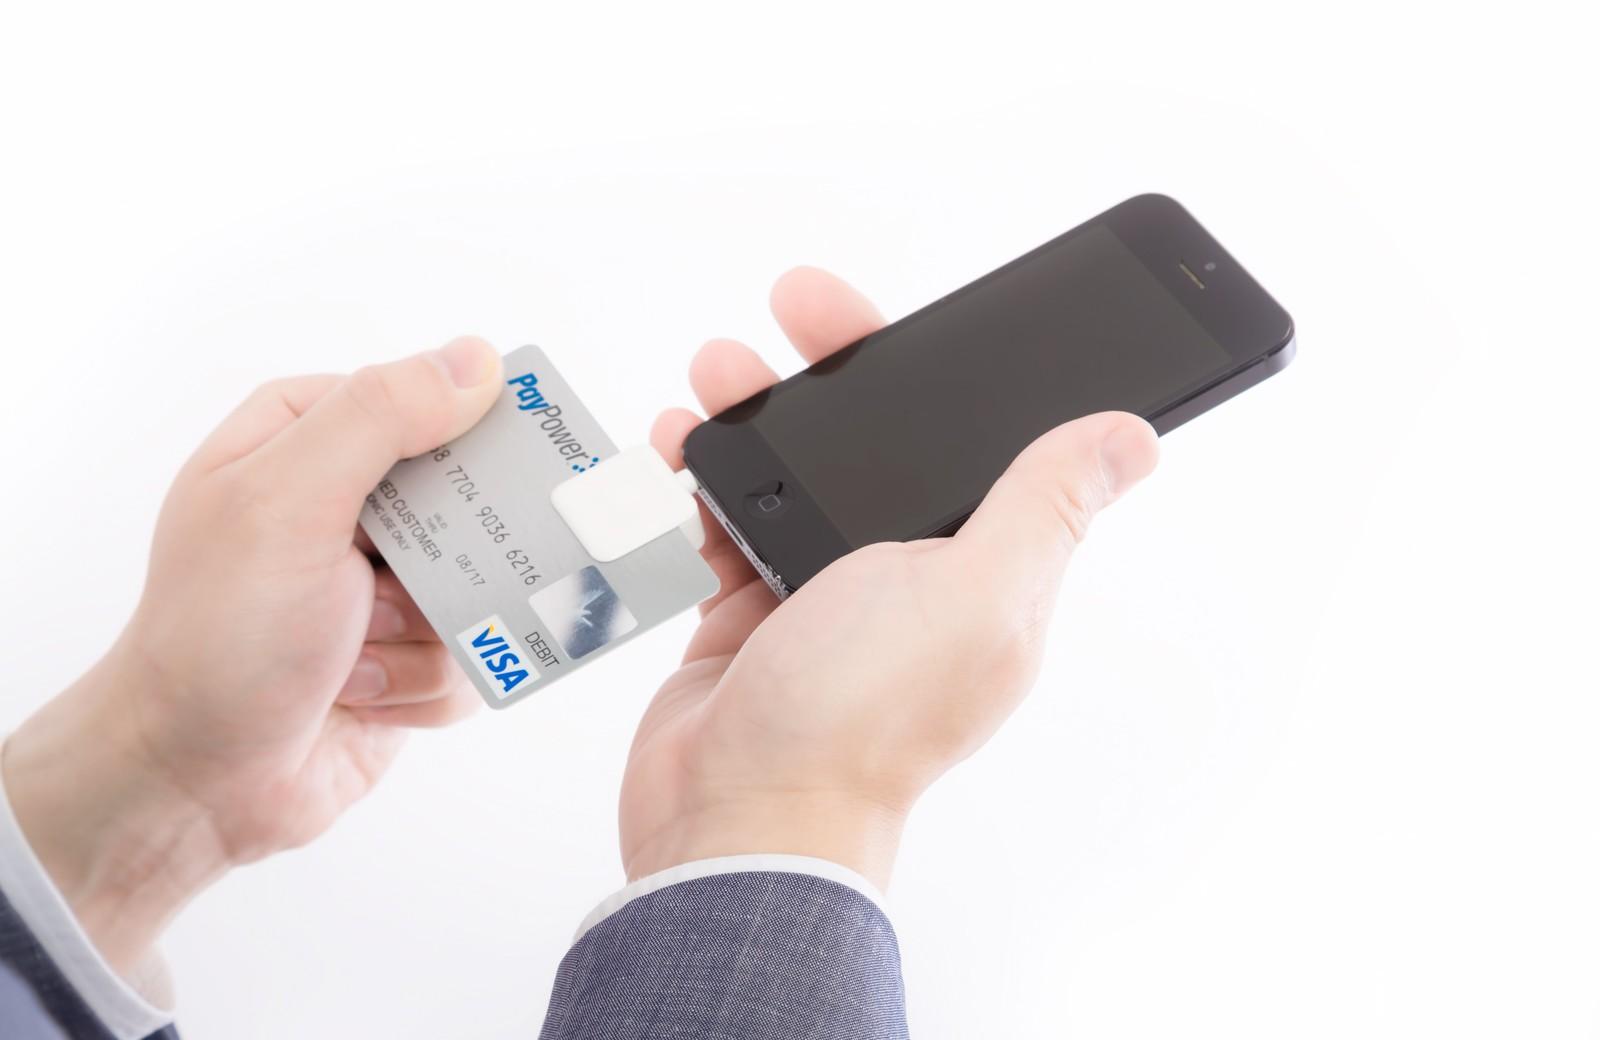 日本とアメリカのクレジットカードの違い | アルファエスパスのブログ